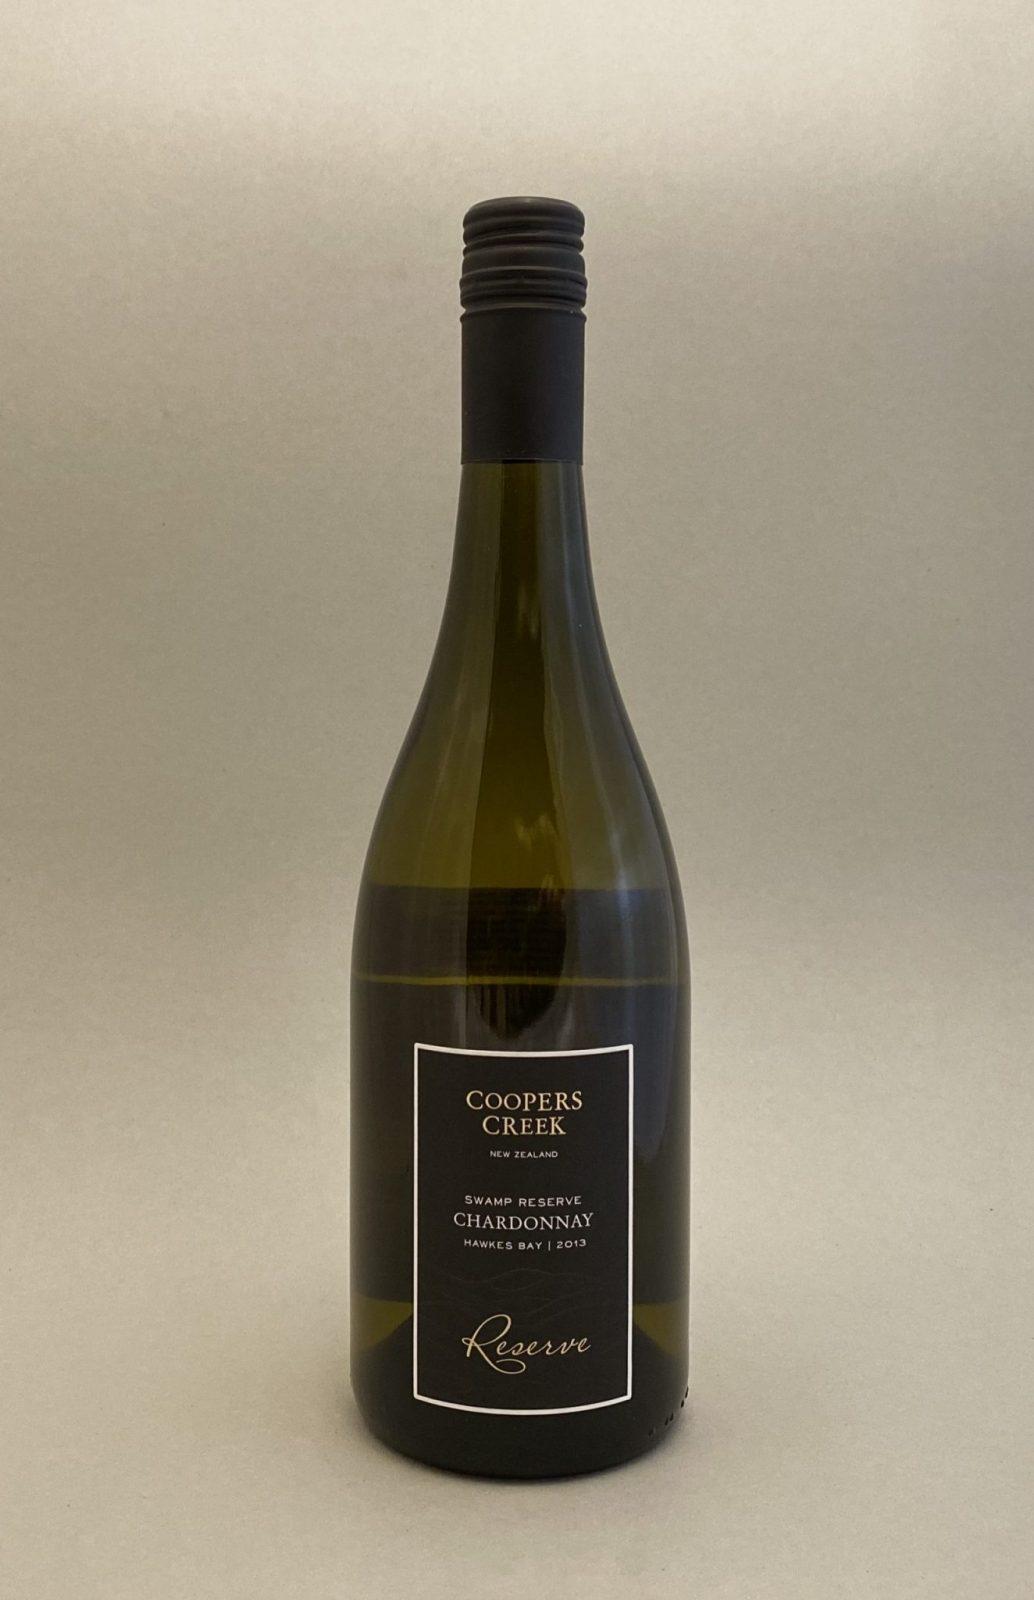 COOPERS CREEK Chardonnay Reserve 2013, vinoteka Bratislava Sunny wines slnecnice mesto, petrzalka, vino biele z Nového Zélandu